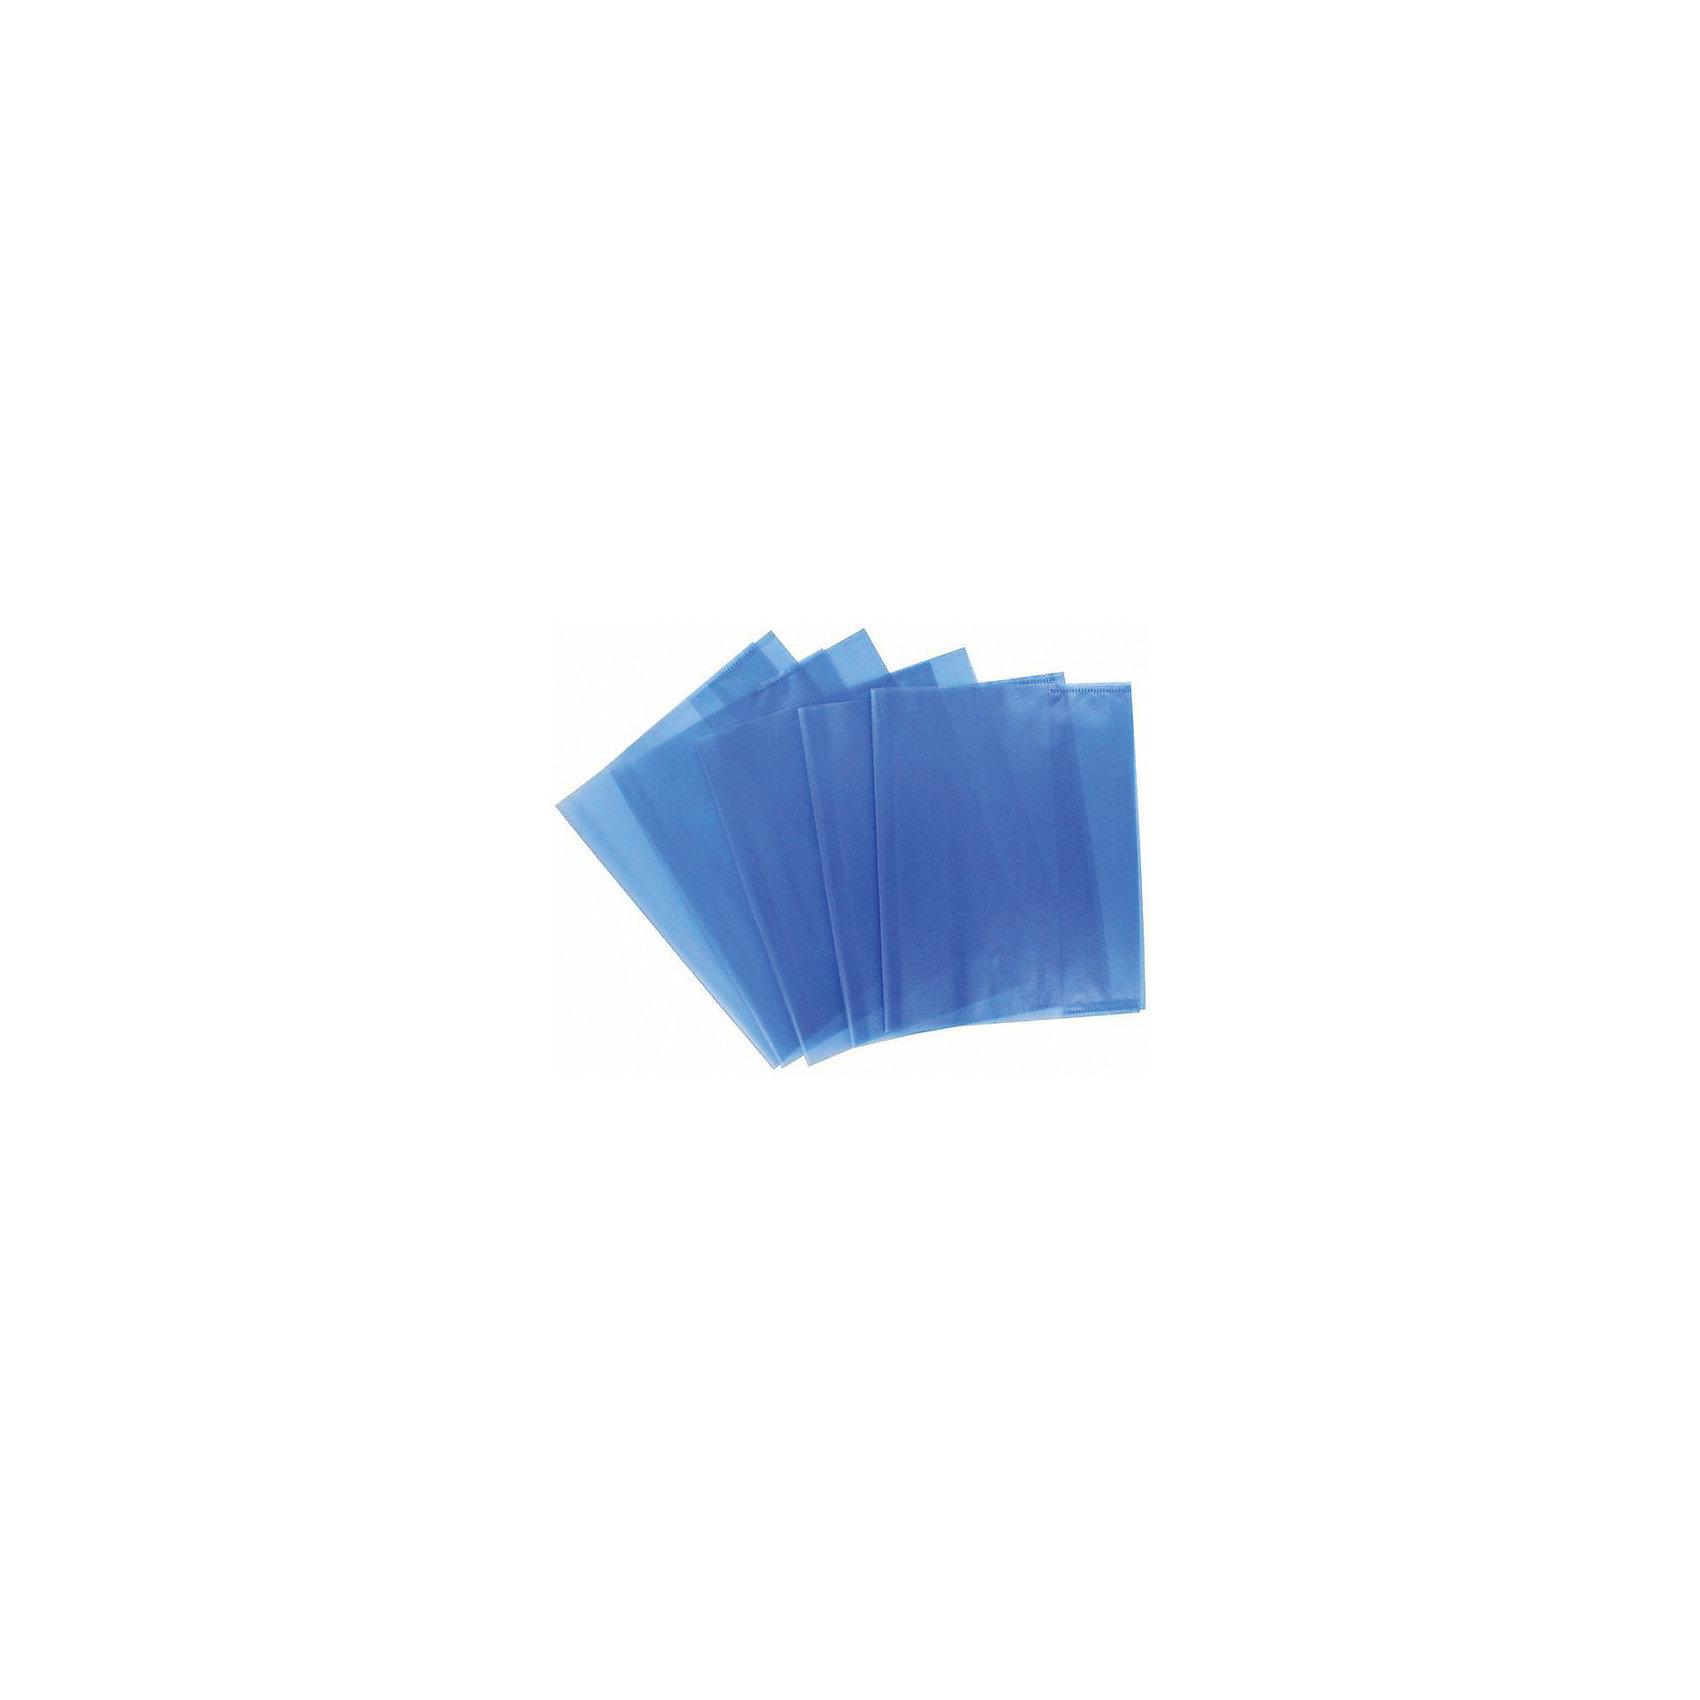 Panta Plast Набор обложек для тетрадей ф.А4, 5 шт.Школьные аксессуары<br>Характеристики товара:<br><br>• формат: А4;<br>• размер обложки: 303х436 мм;<br>• материал: полипропилен;<br>• возраст: от 6 лет;<br>• цвет: голубой;<br>• размер упаковки: 30,5х48,5 см;<br>• вес: 50 грамм. <br><br><br>Обложки предотвратят изнашивание тетрадей и защитят их от загрязнений и попадания воды. Обложки изготовлены из прочного полипропилена голубого цвета.  В комплект входят 10 обложек формата А4.<br><br>Panta Plast (Панта Пласт) Набор обложек для тетрадей ф.А4, 5 шт. можно купить в нашем интернет-магазине.<br><br>Ширина мм: 485<br>Глубина мм: 305<br>Высота мм: 9999<br>Вес г: 50<br>Возраст от месяцев: 84<br>Возраст до месяцев: 156<br>Пол: Унисекс<br>Возраст: Детский<br>SKU: 6858973